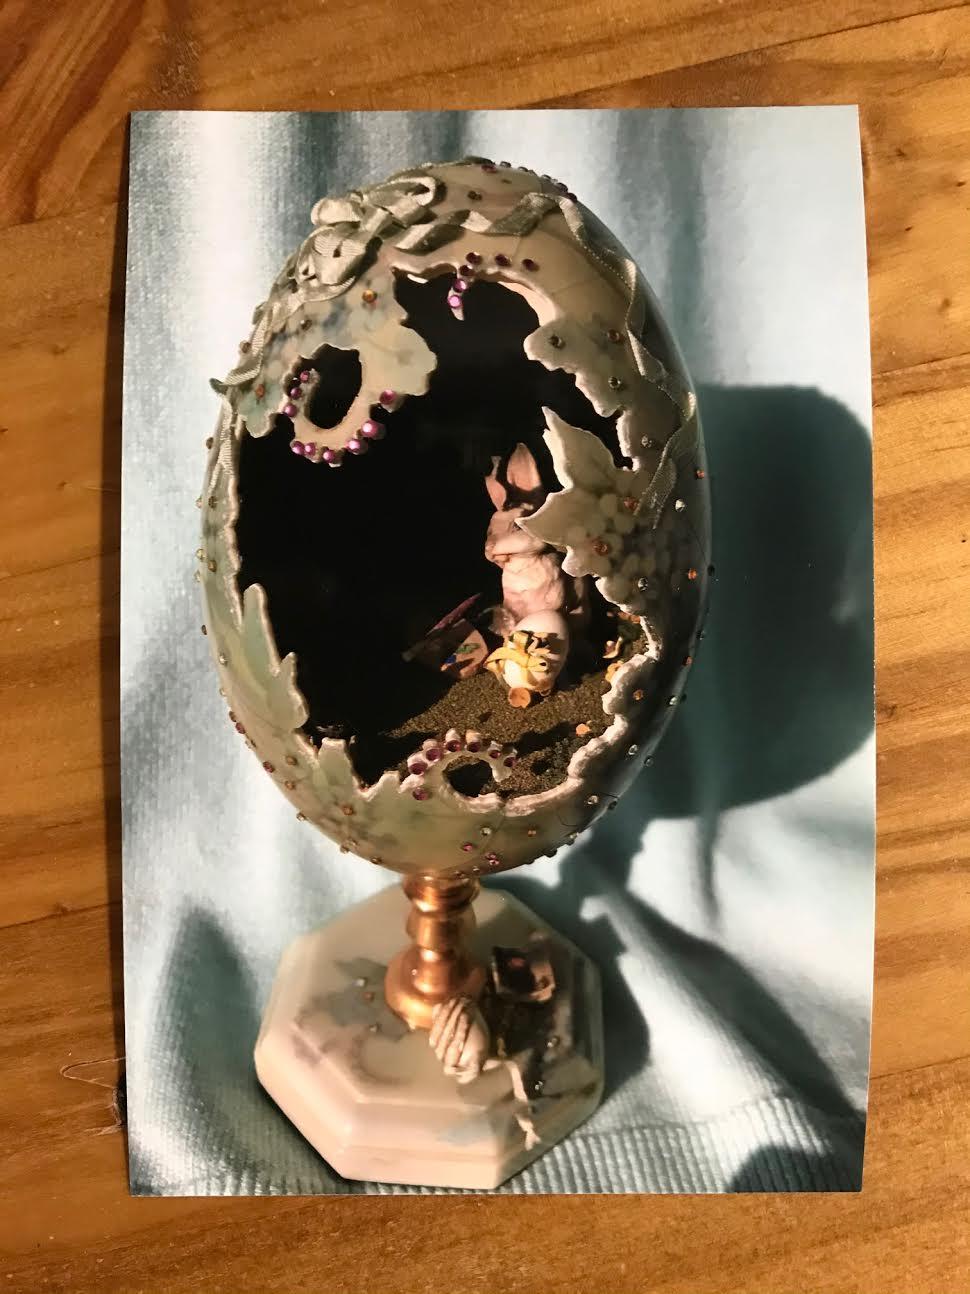 sprecher egg